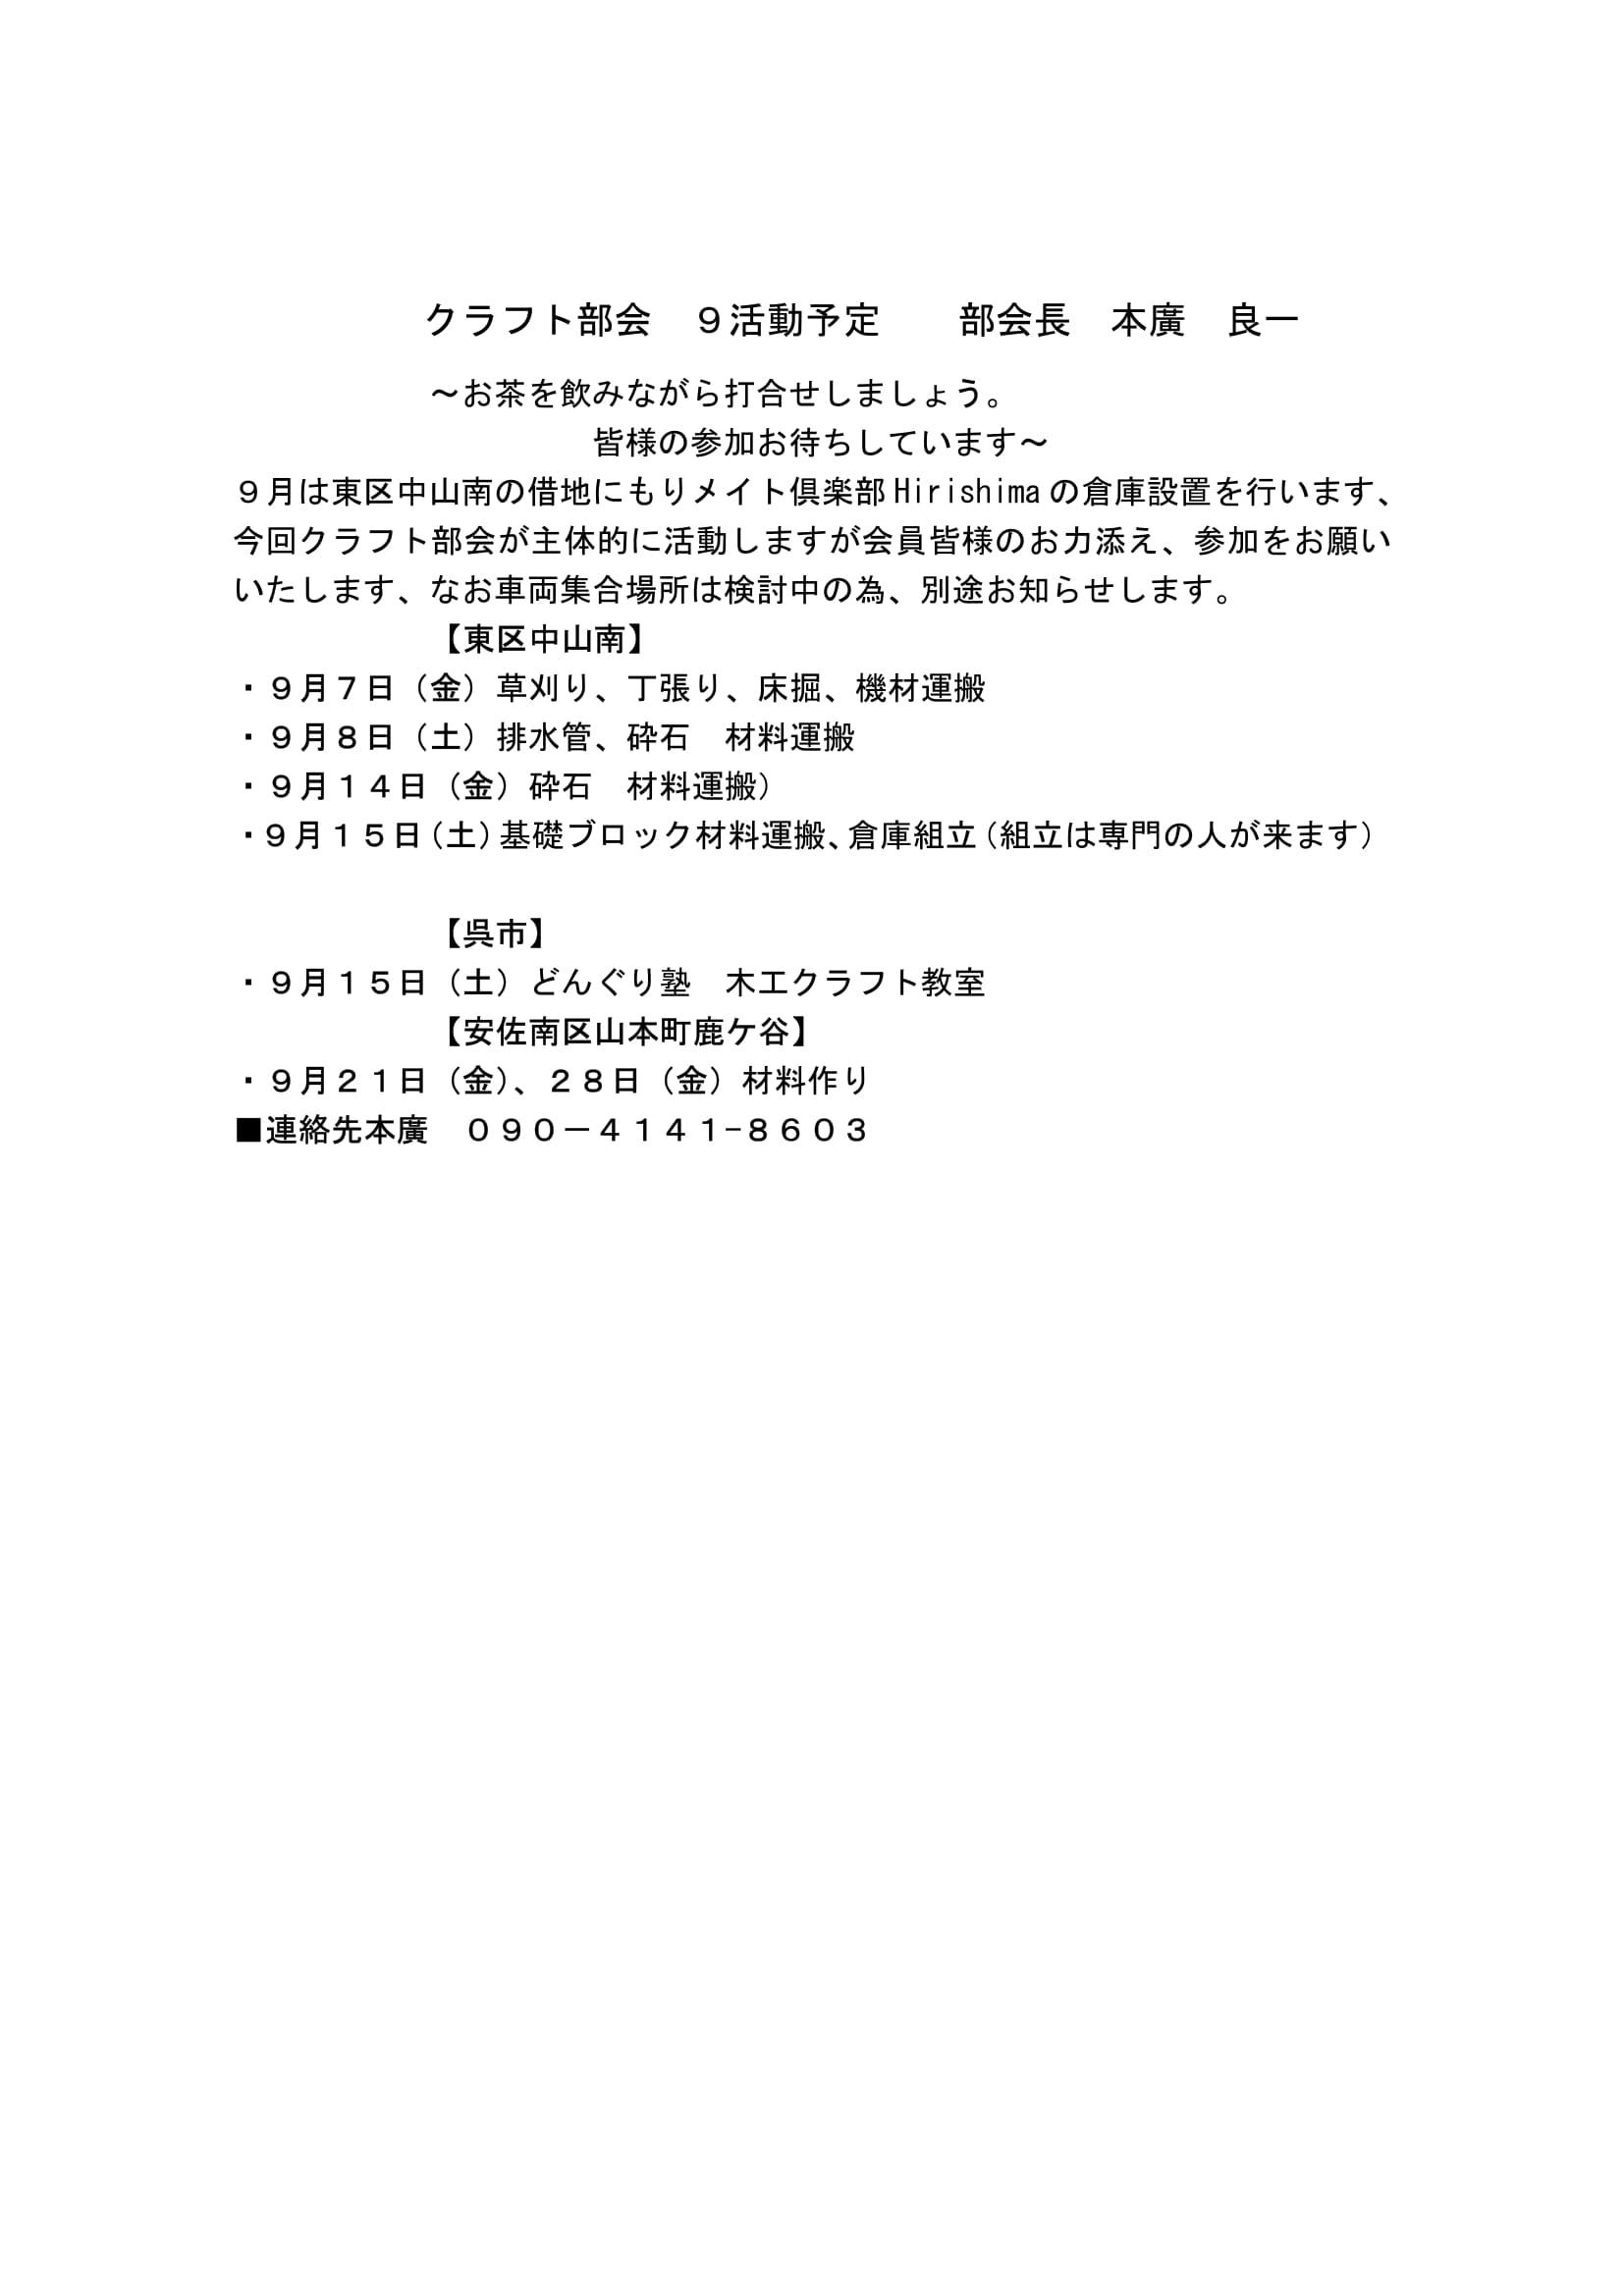 クラフト部会2018年9月予定(HP掲載)-1